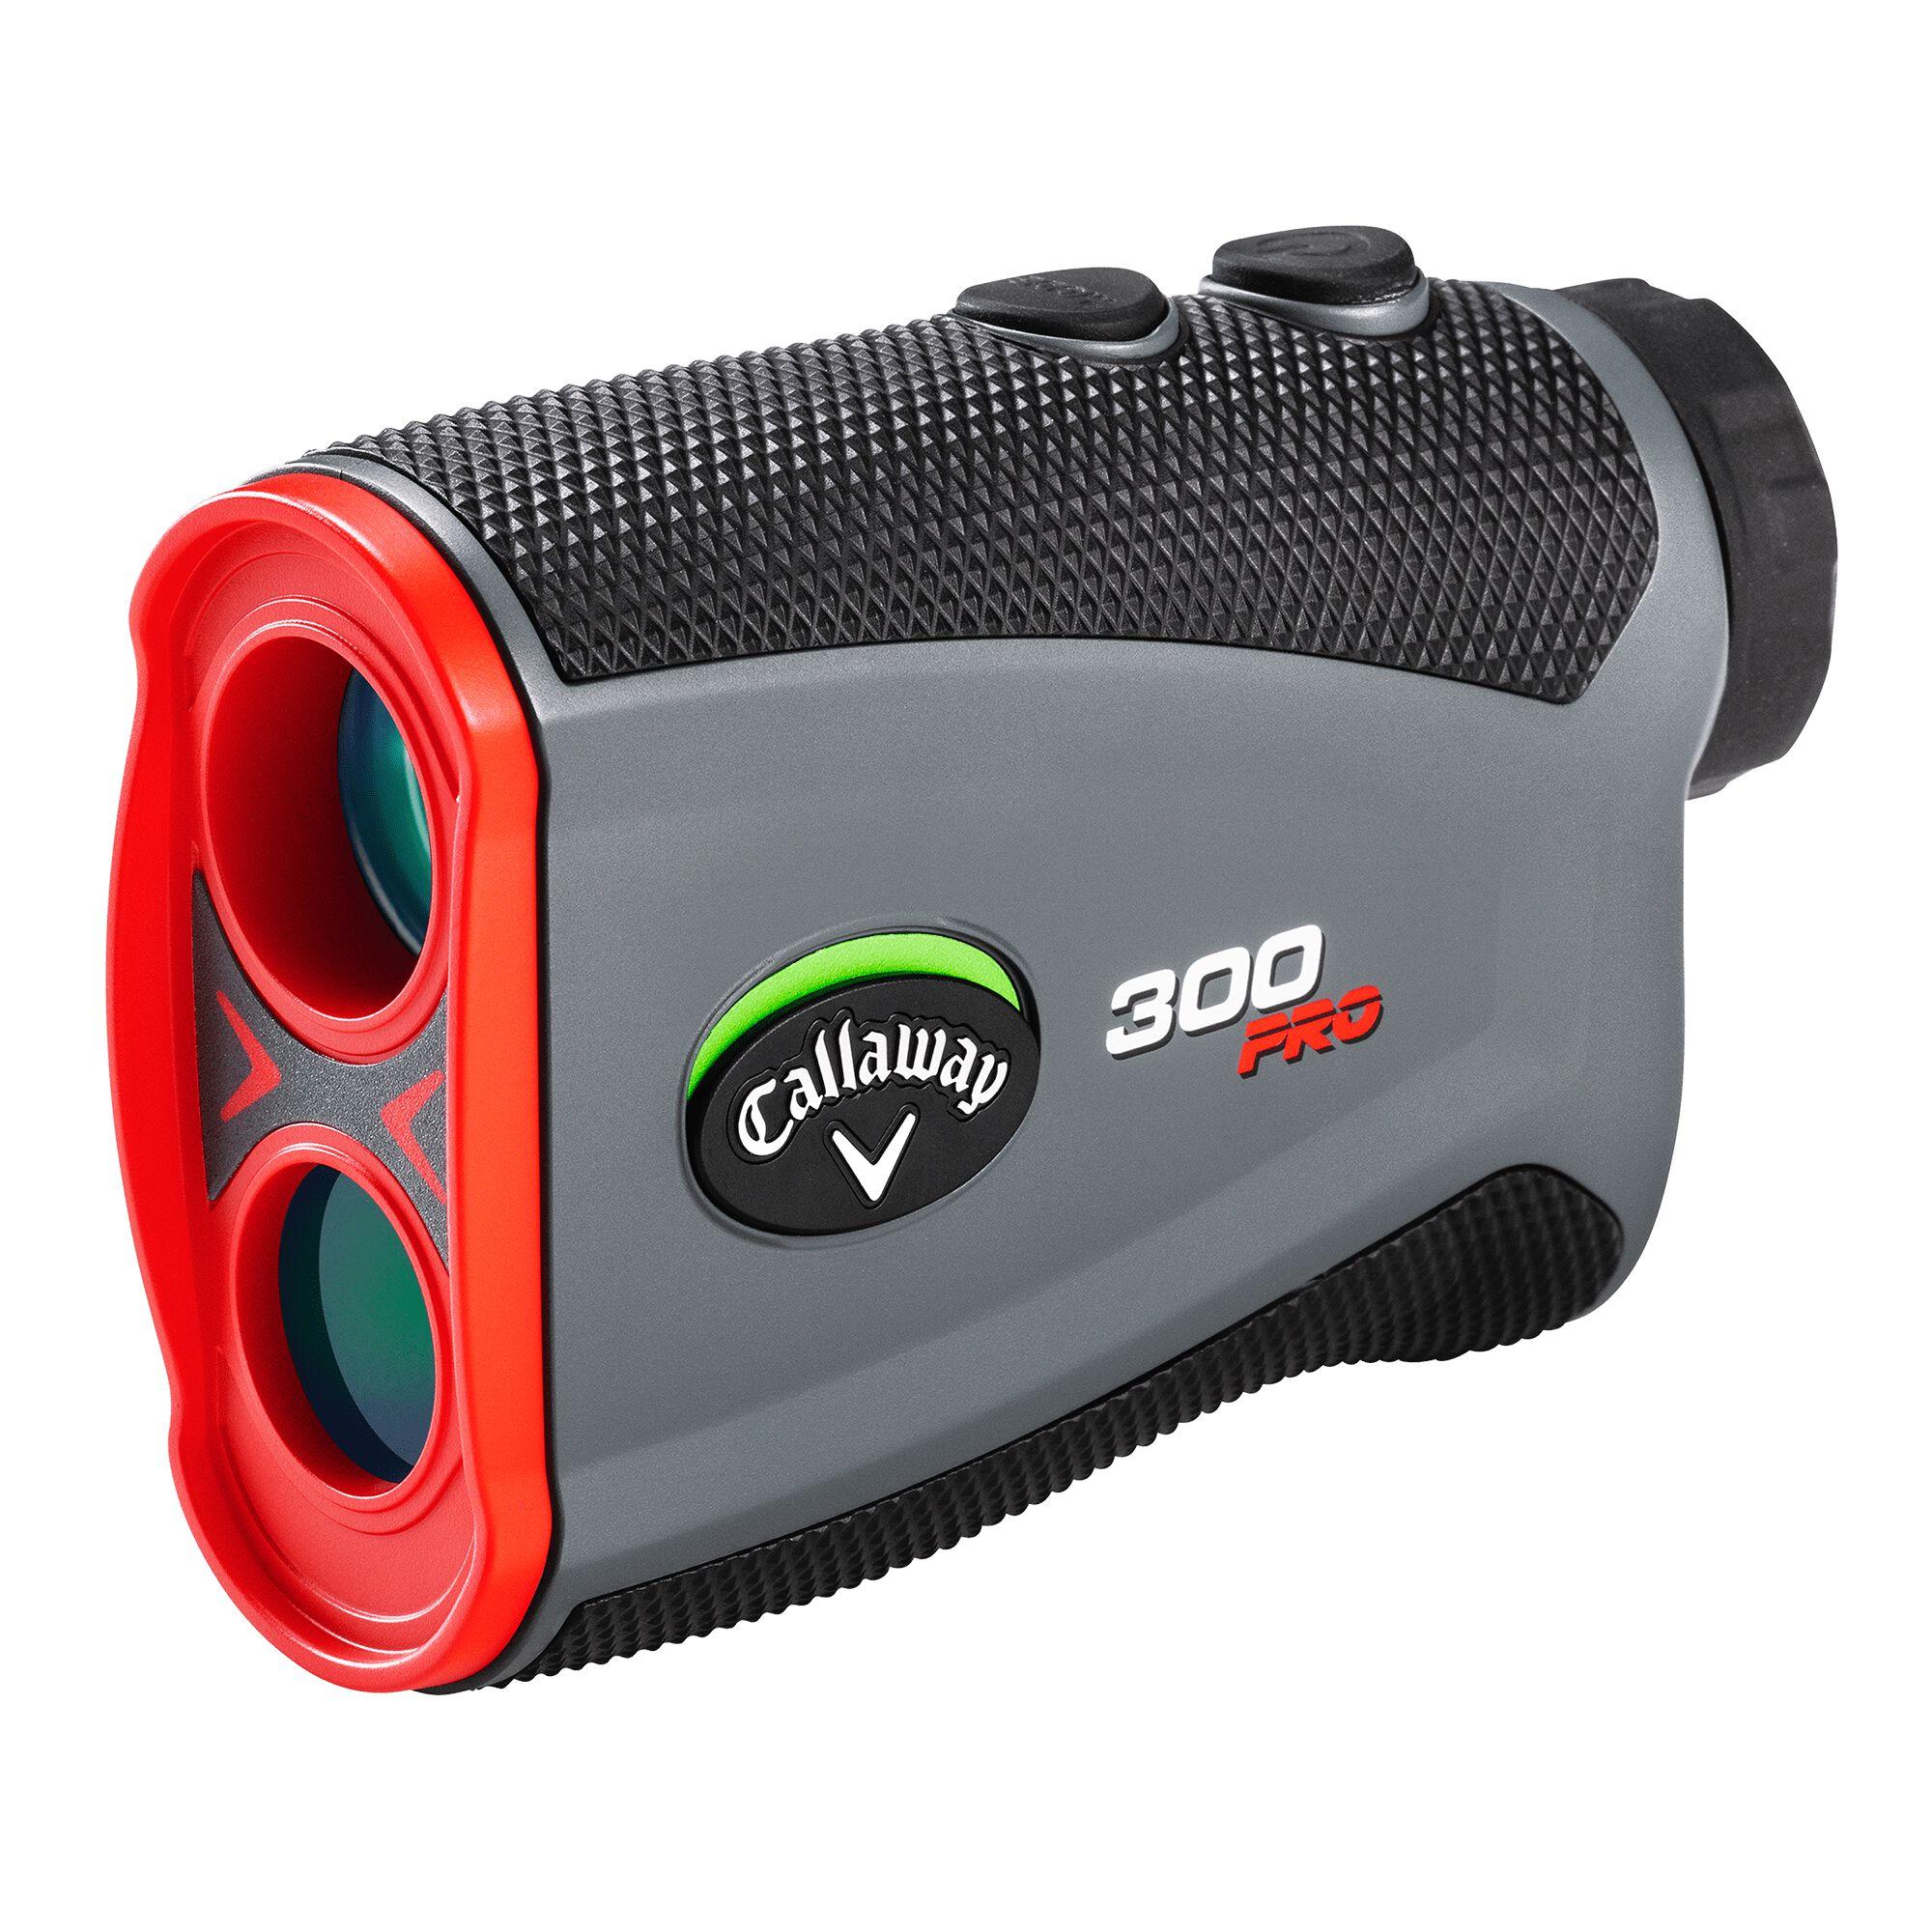 Callaway Golf 300 Pro Laser Rangefinder